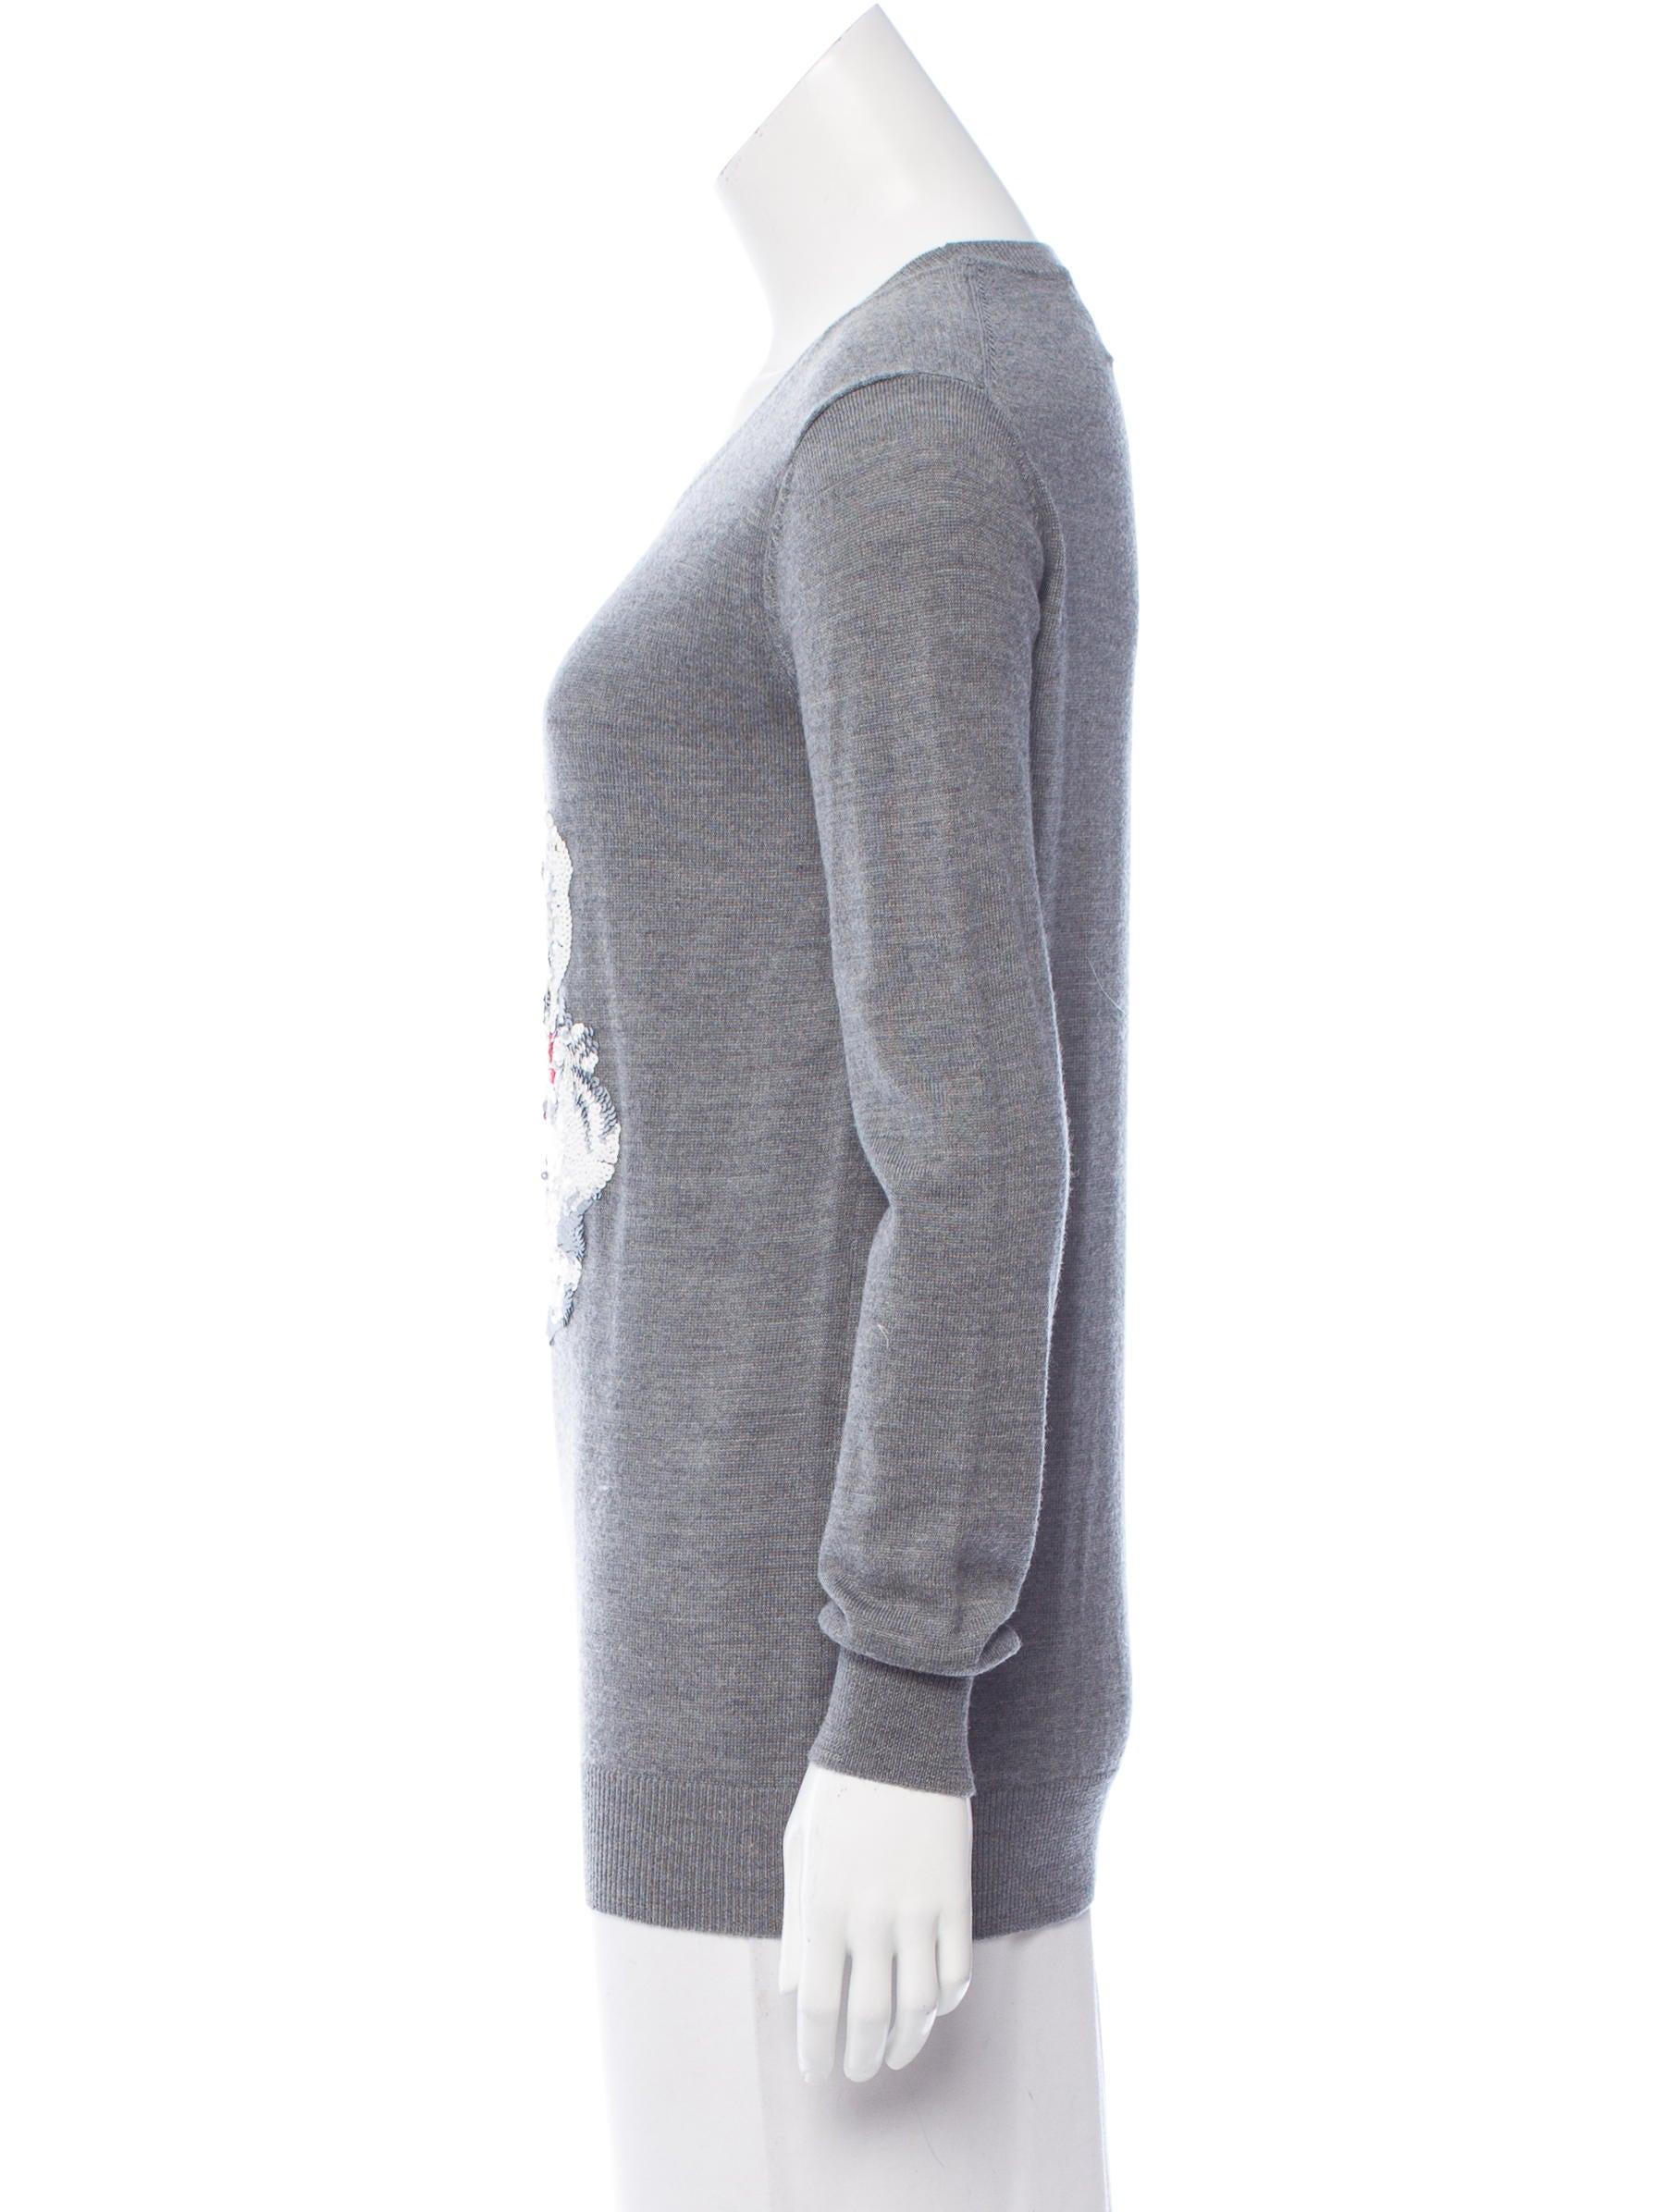 Markus Lupfer Wool Santa Claus Sweater